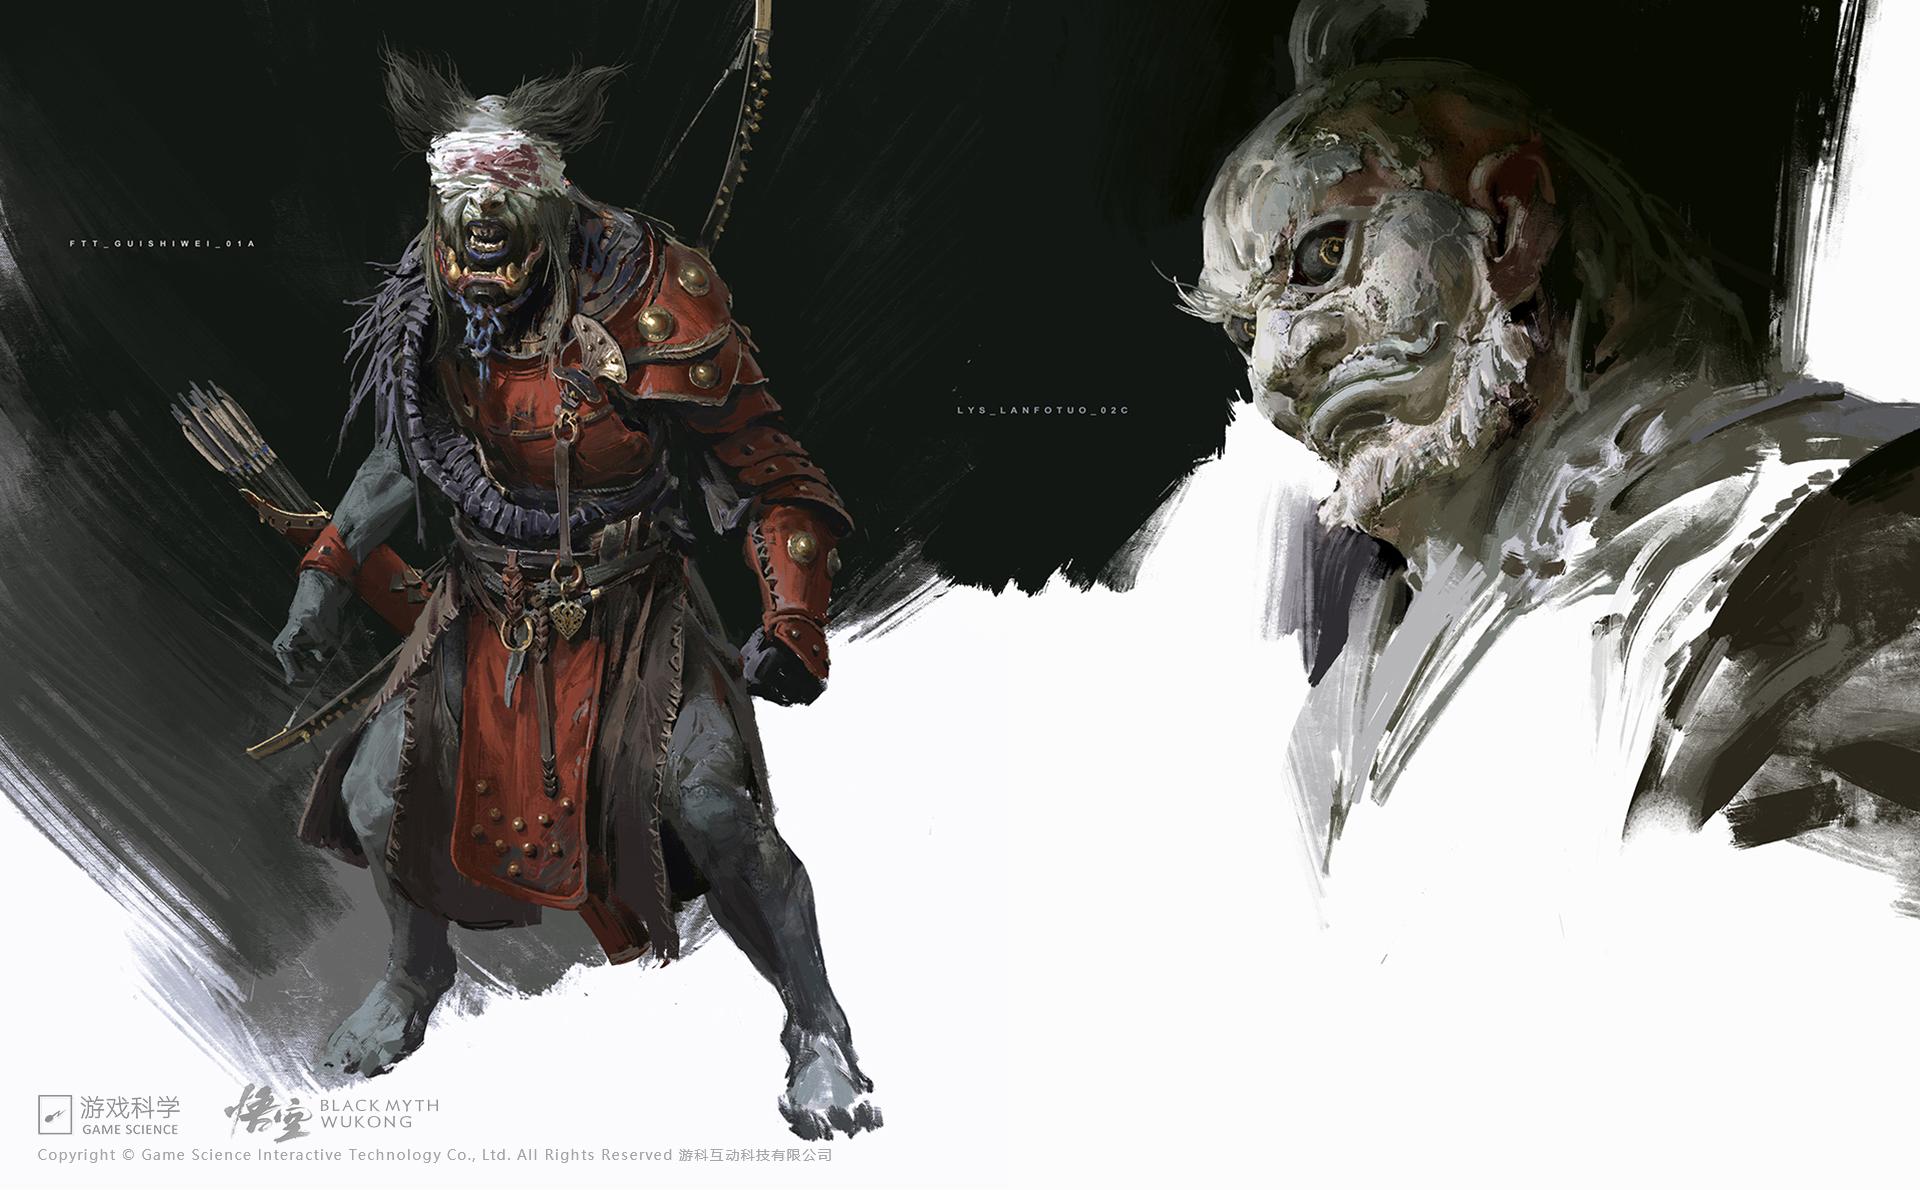 Black Myth: Wu Kong annunciato per Console e PC 24